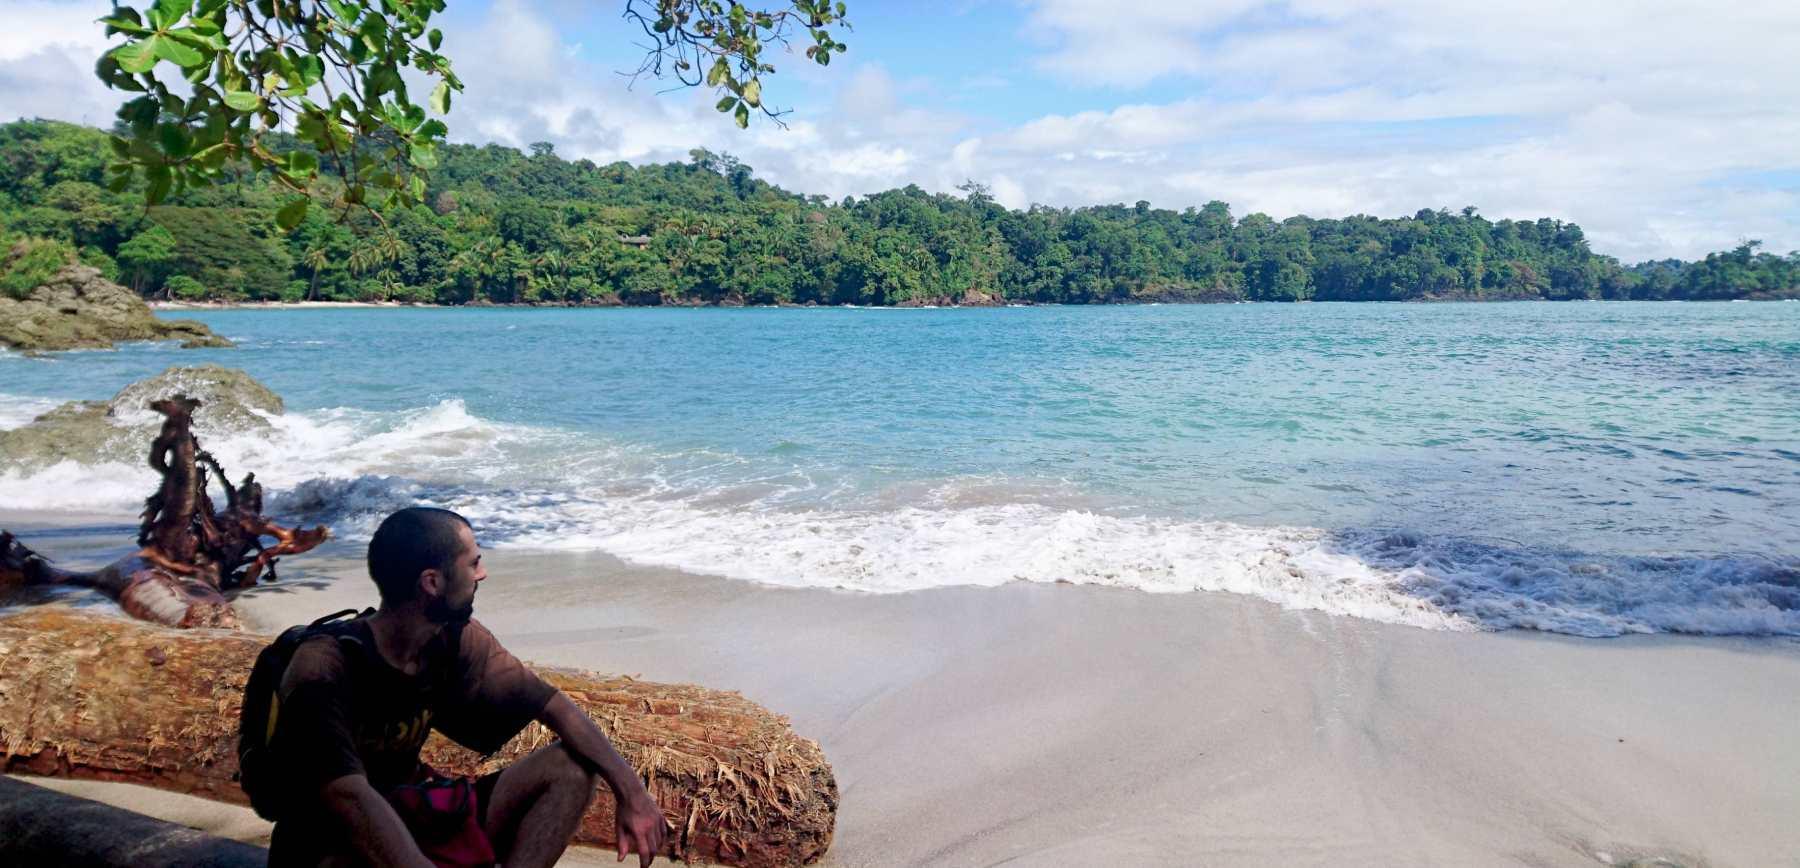 Nomadadeviaje posando en árbol en la playa de Manuel Antonio